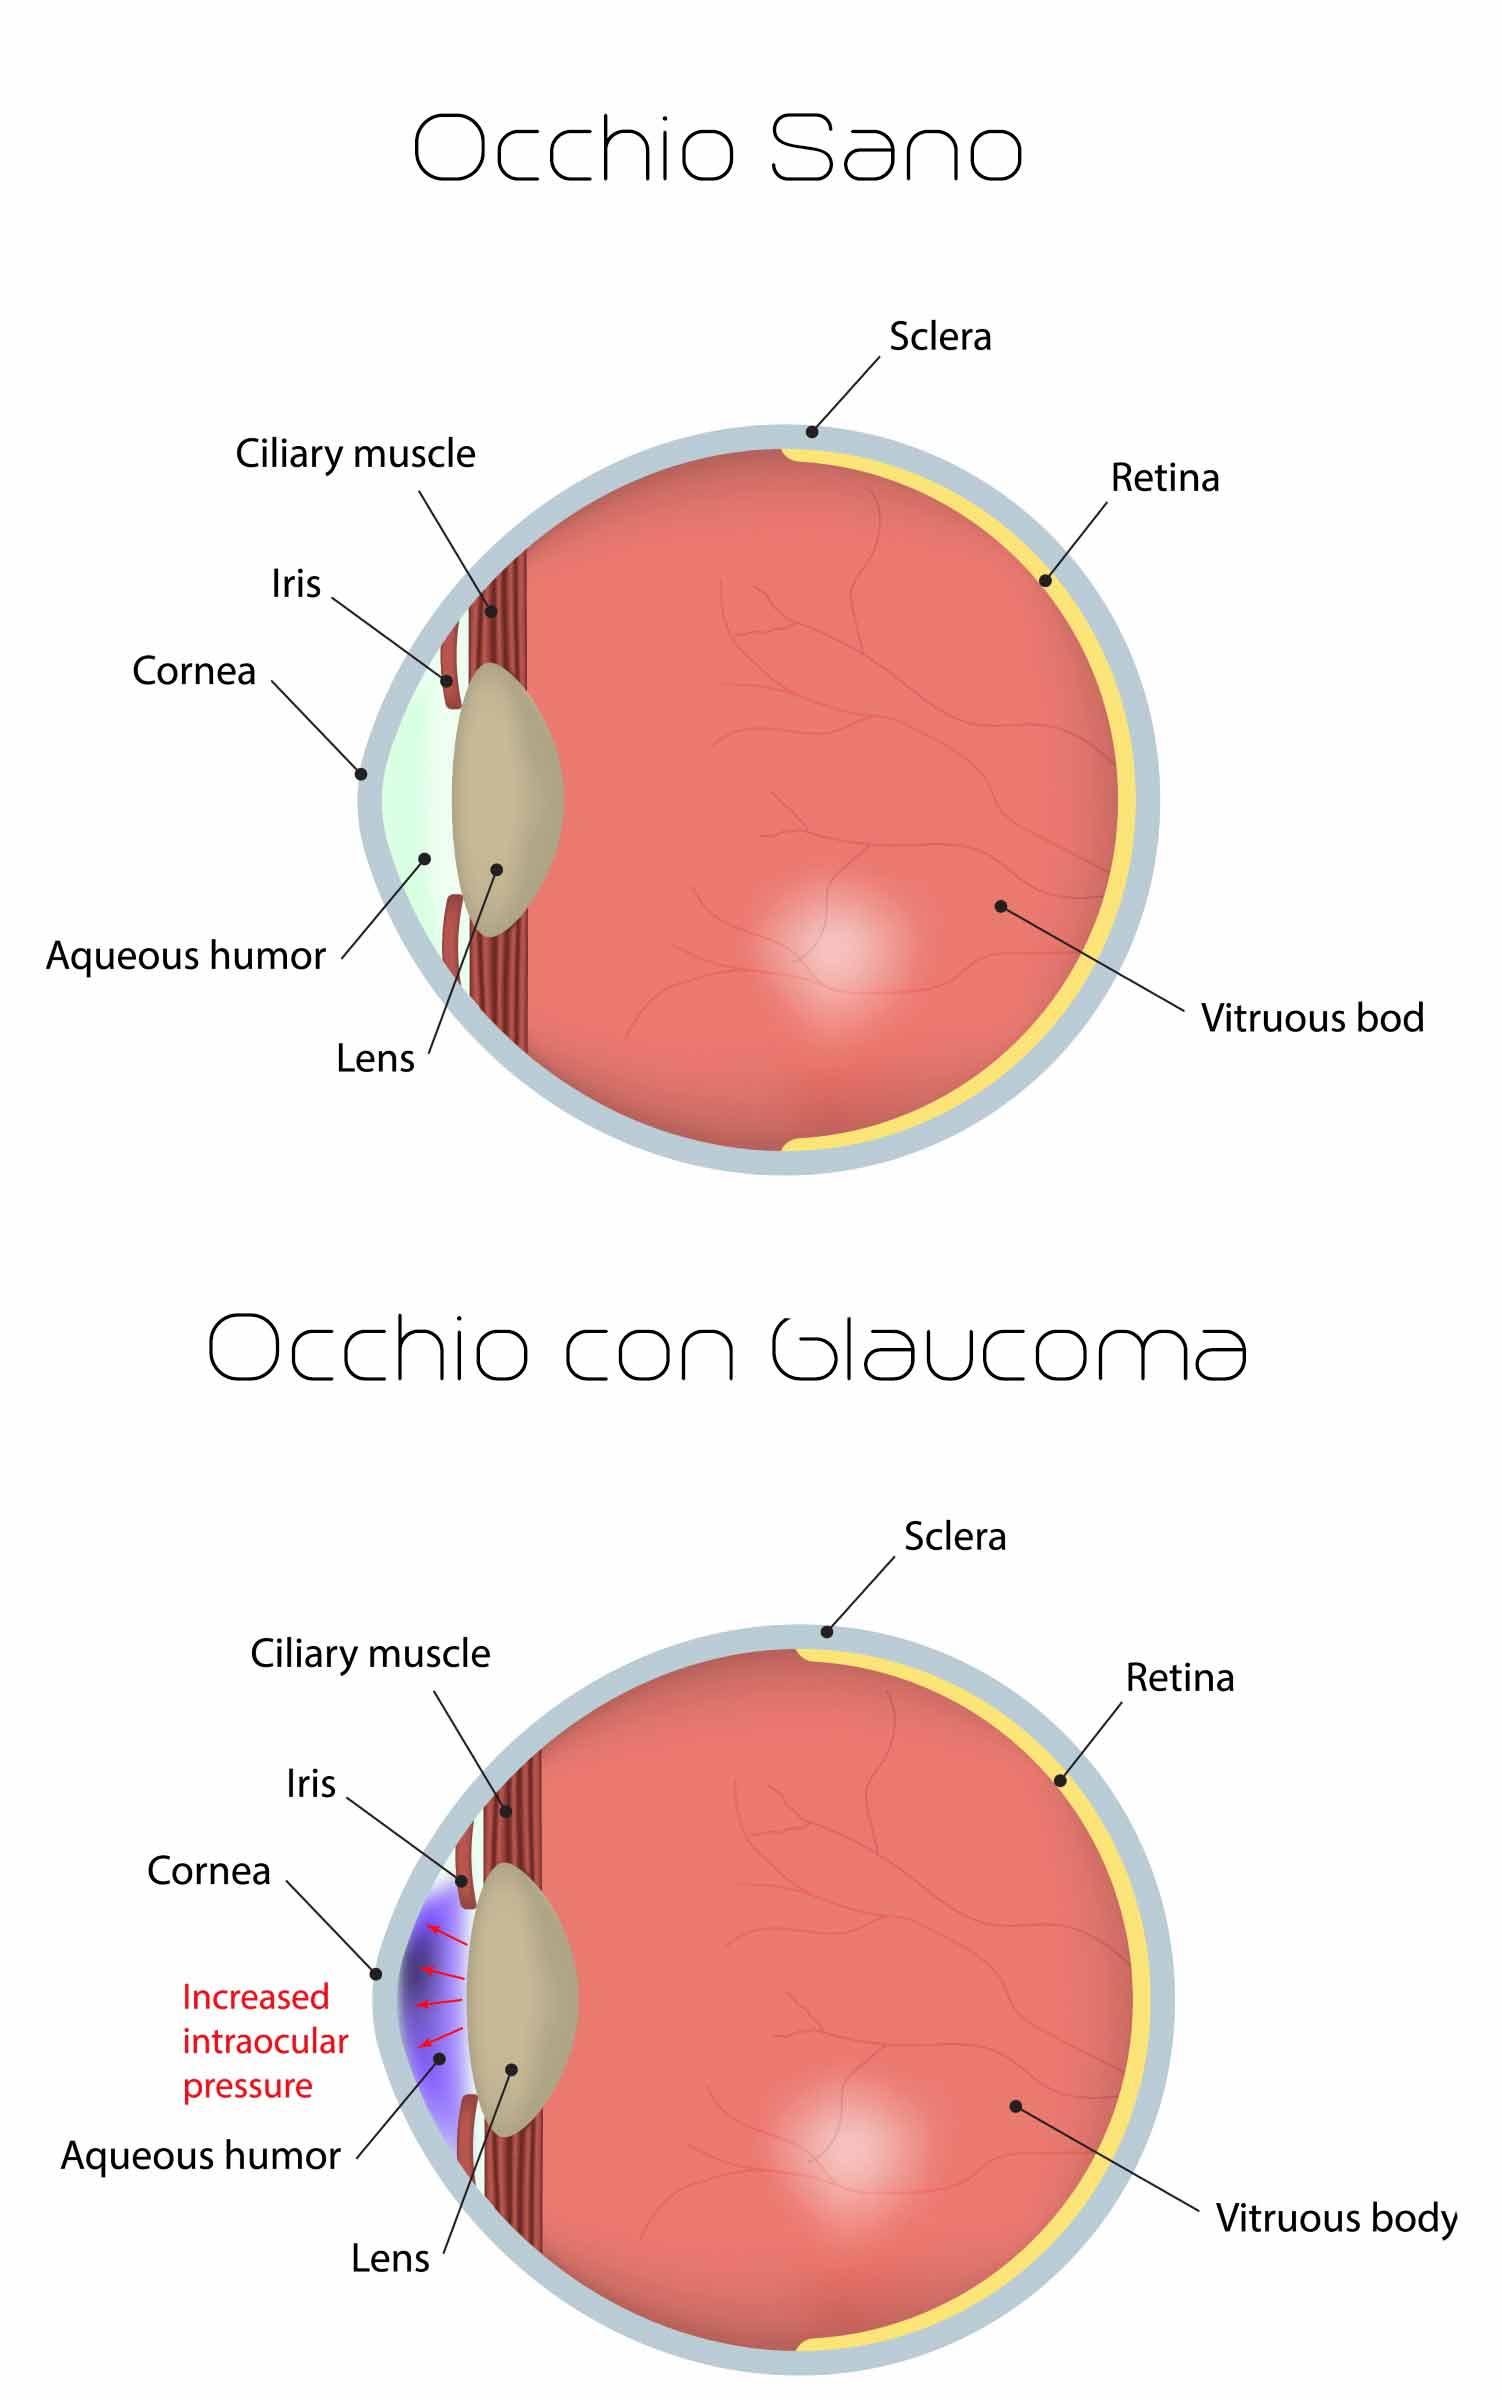 Glaucoma-e-occhio-sano